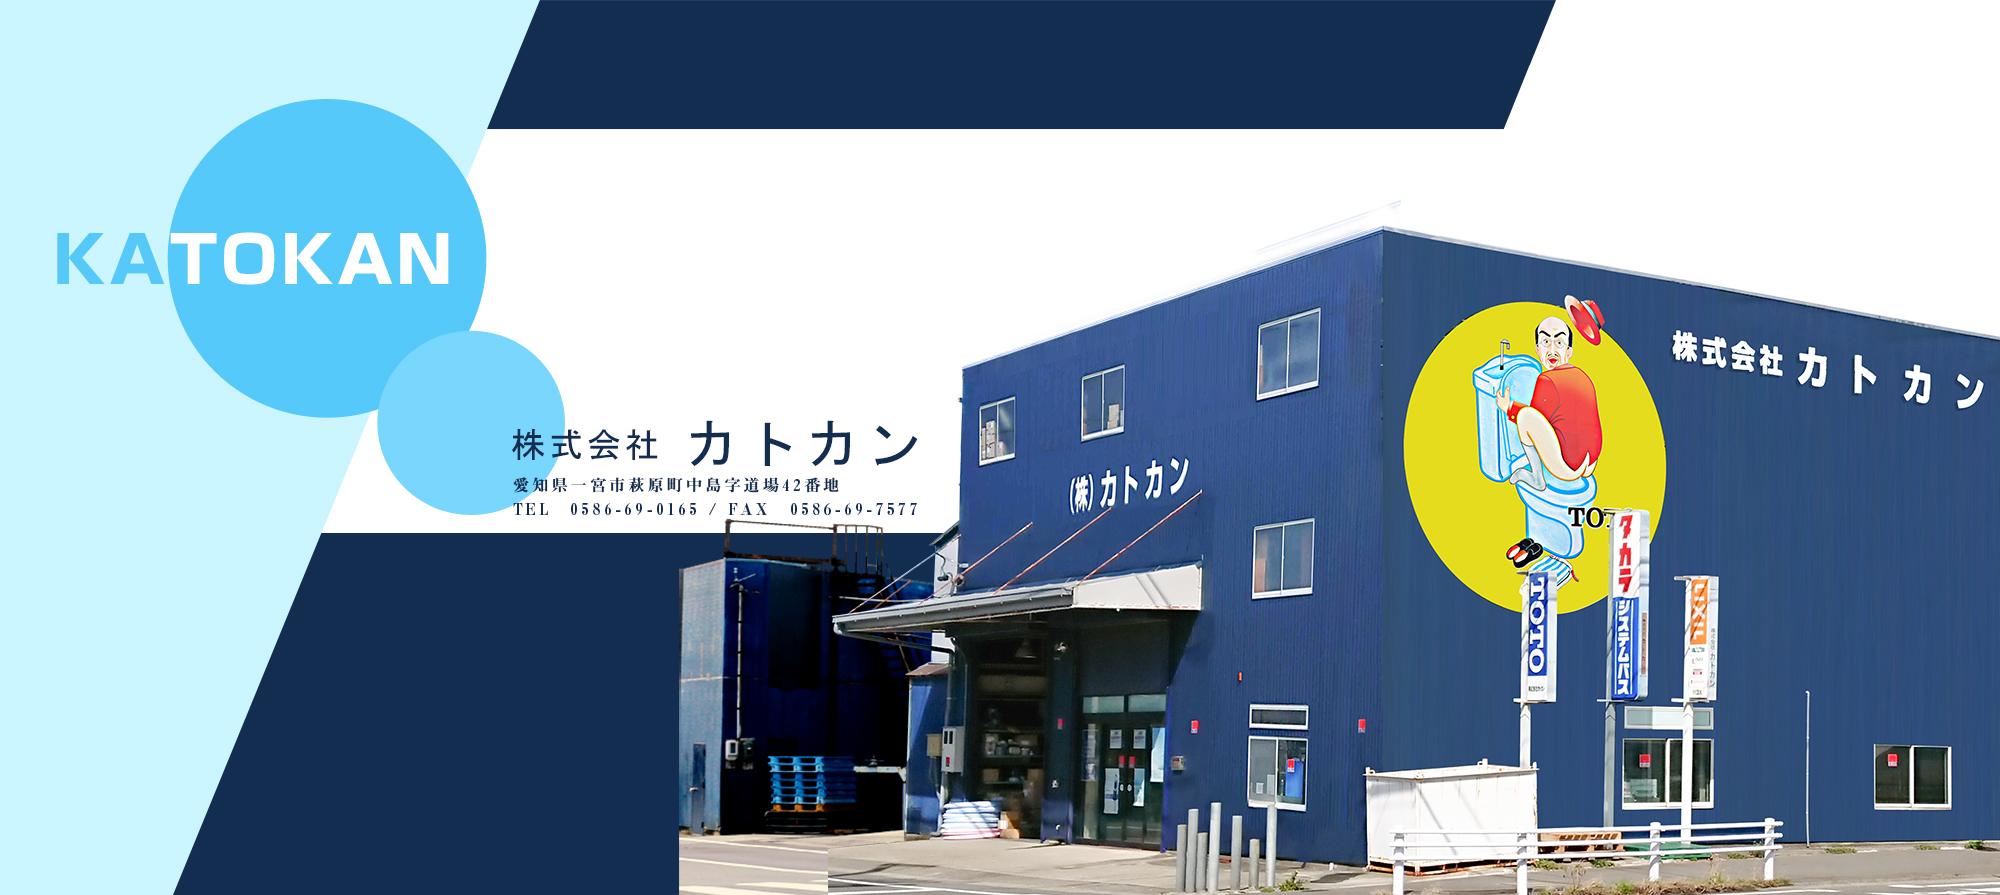 株式会社カトカン